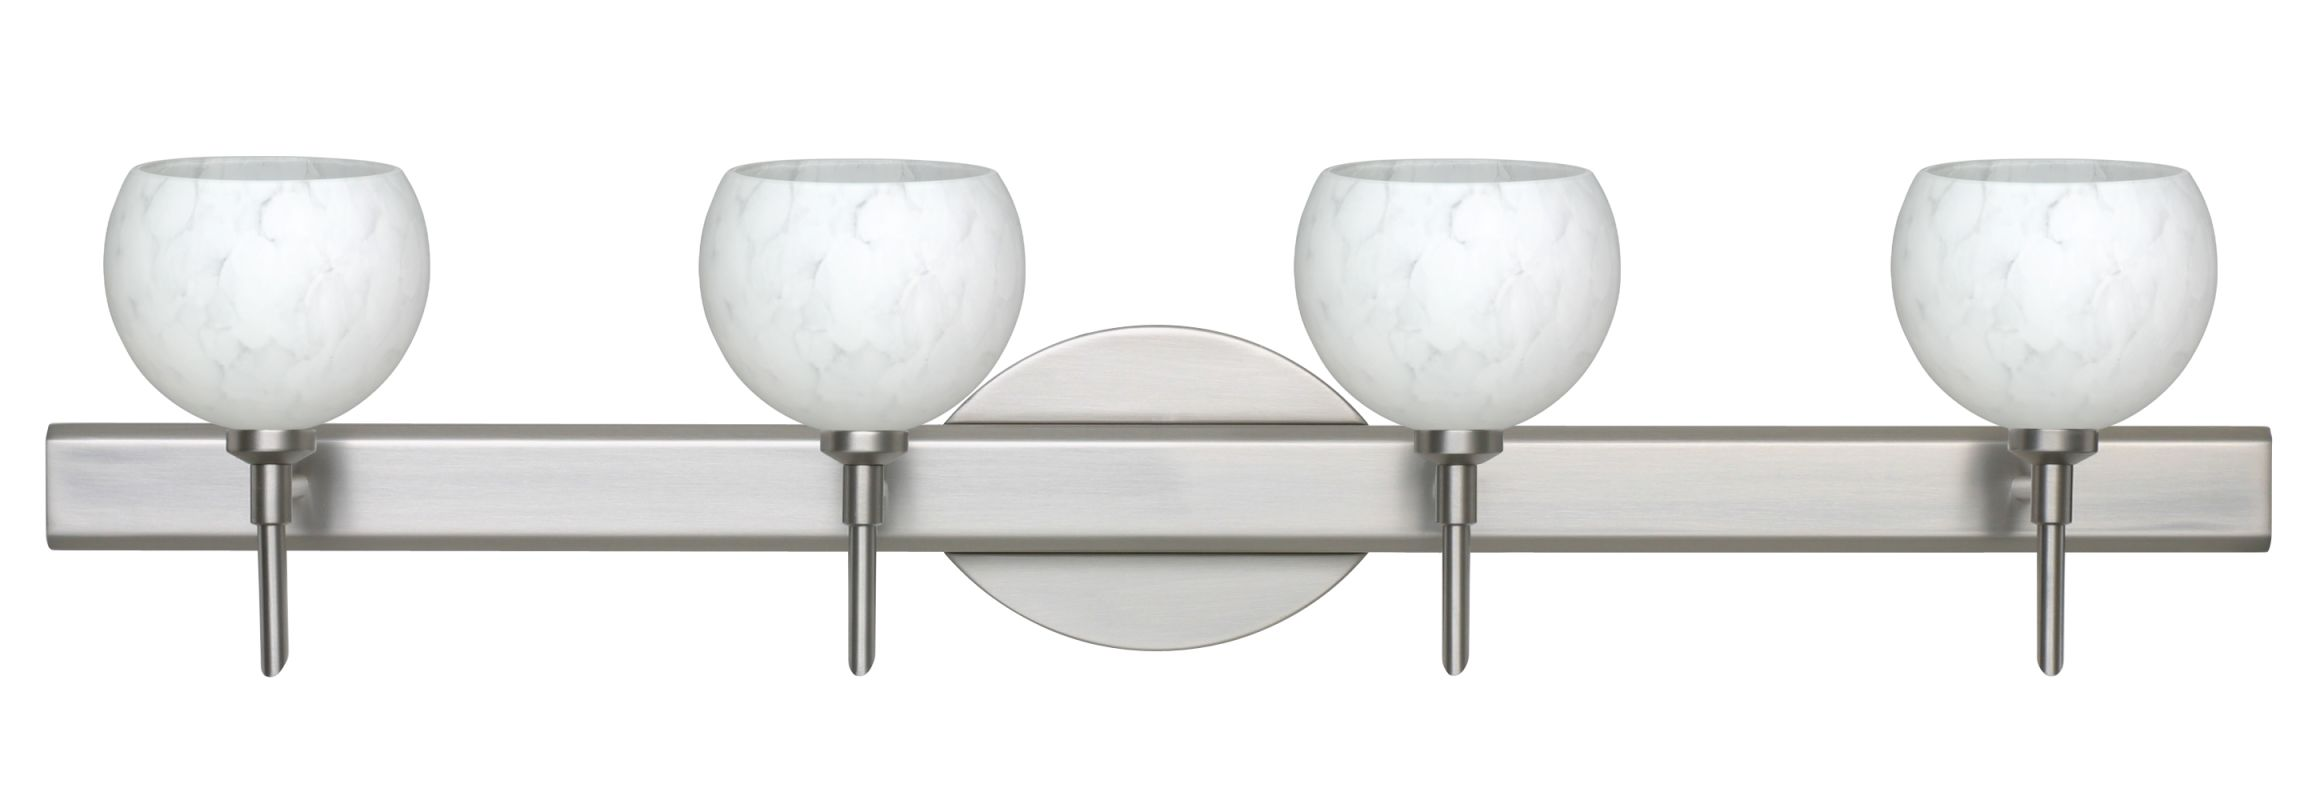 Besa Lighting 4SW-565819 Palla 4 Light Reversible Halogen Bathroom